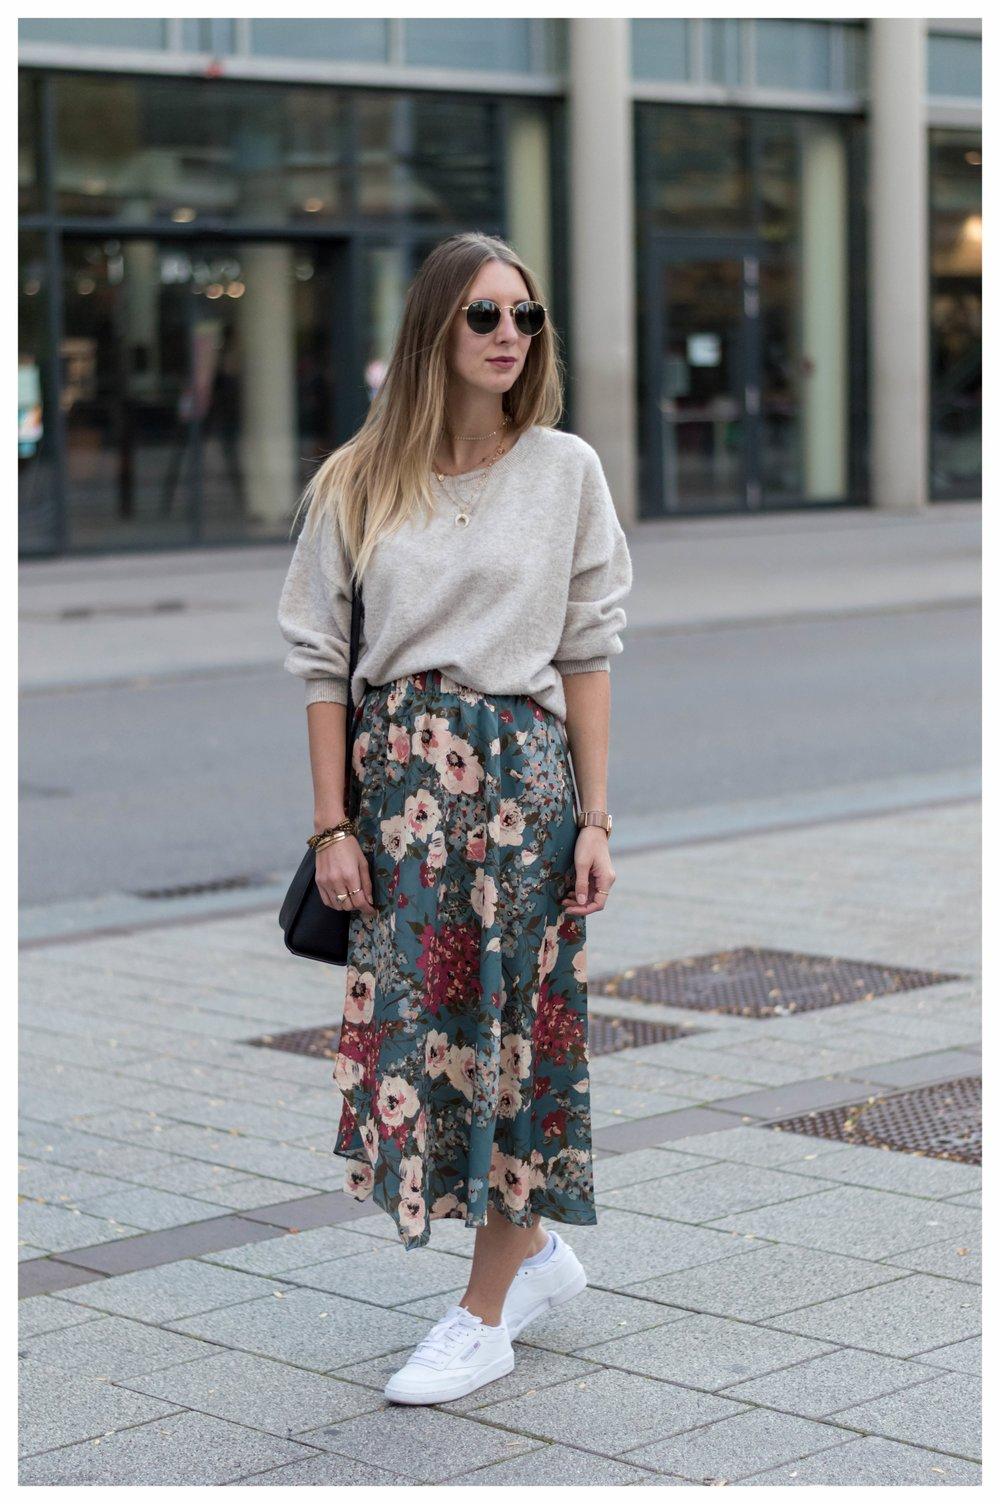 Floral Skirt Lux - OSIARAH.COM (4 sur 21).jpg